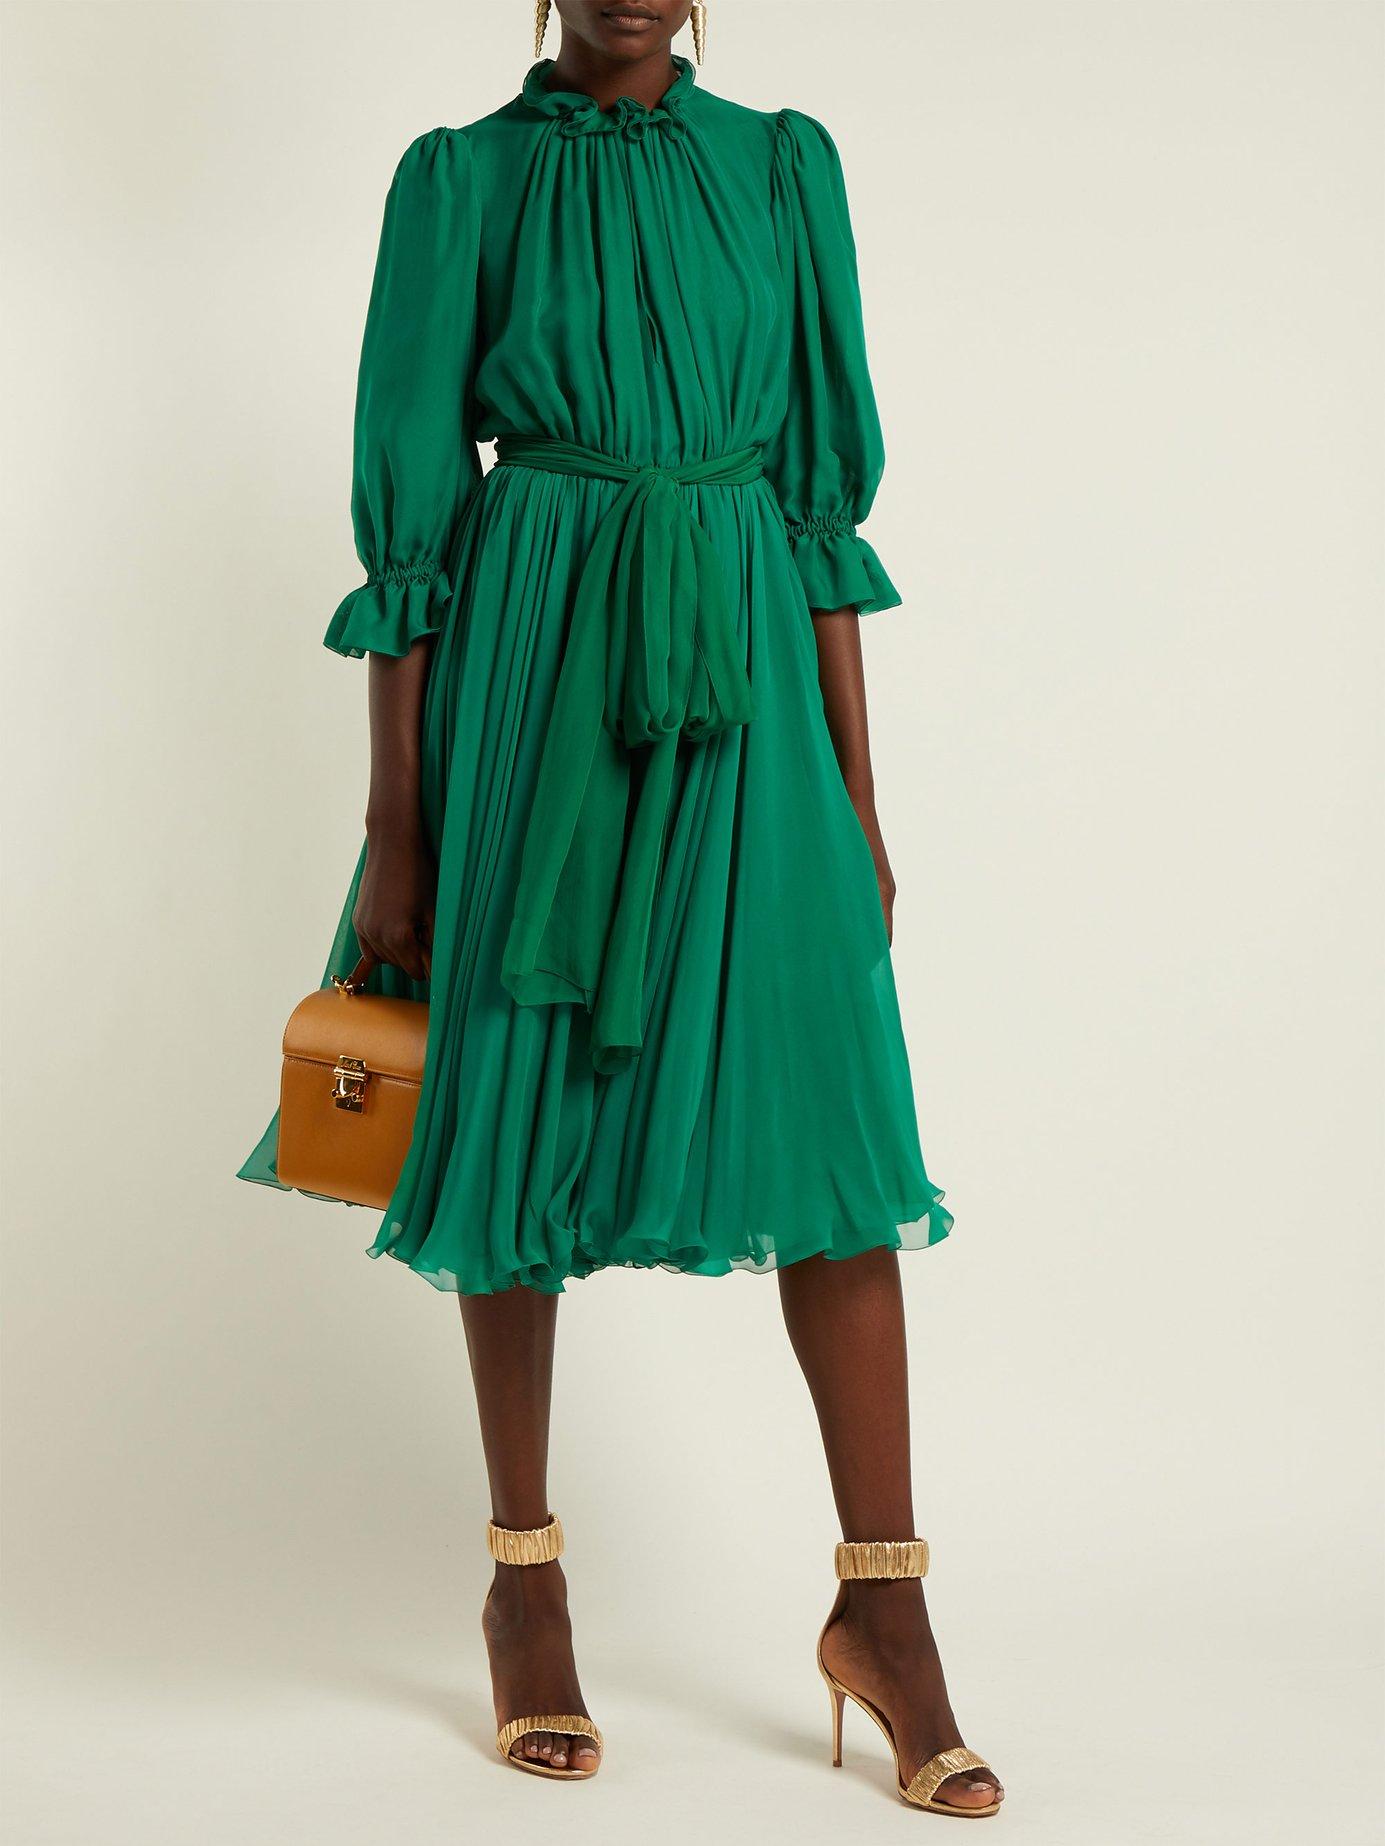 Ruffle-trimmed chiffon midi dress by Dolce & Gabbana